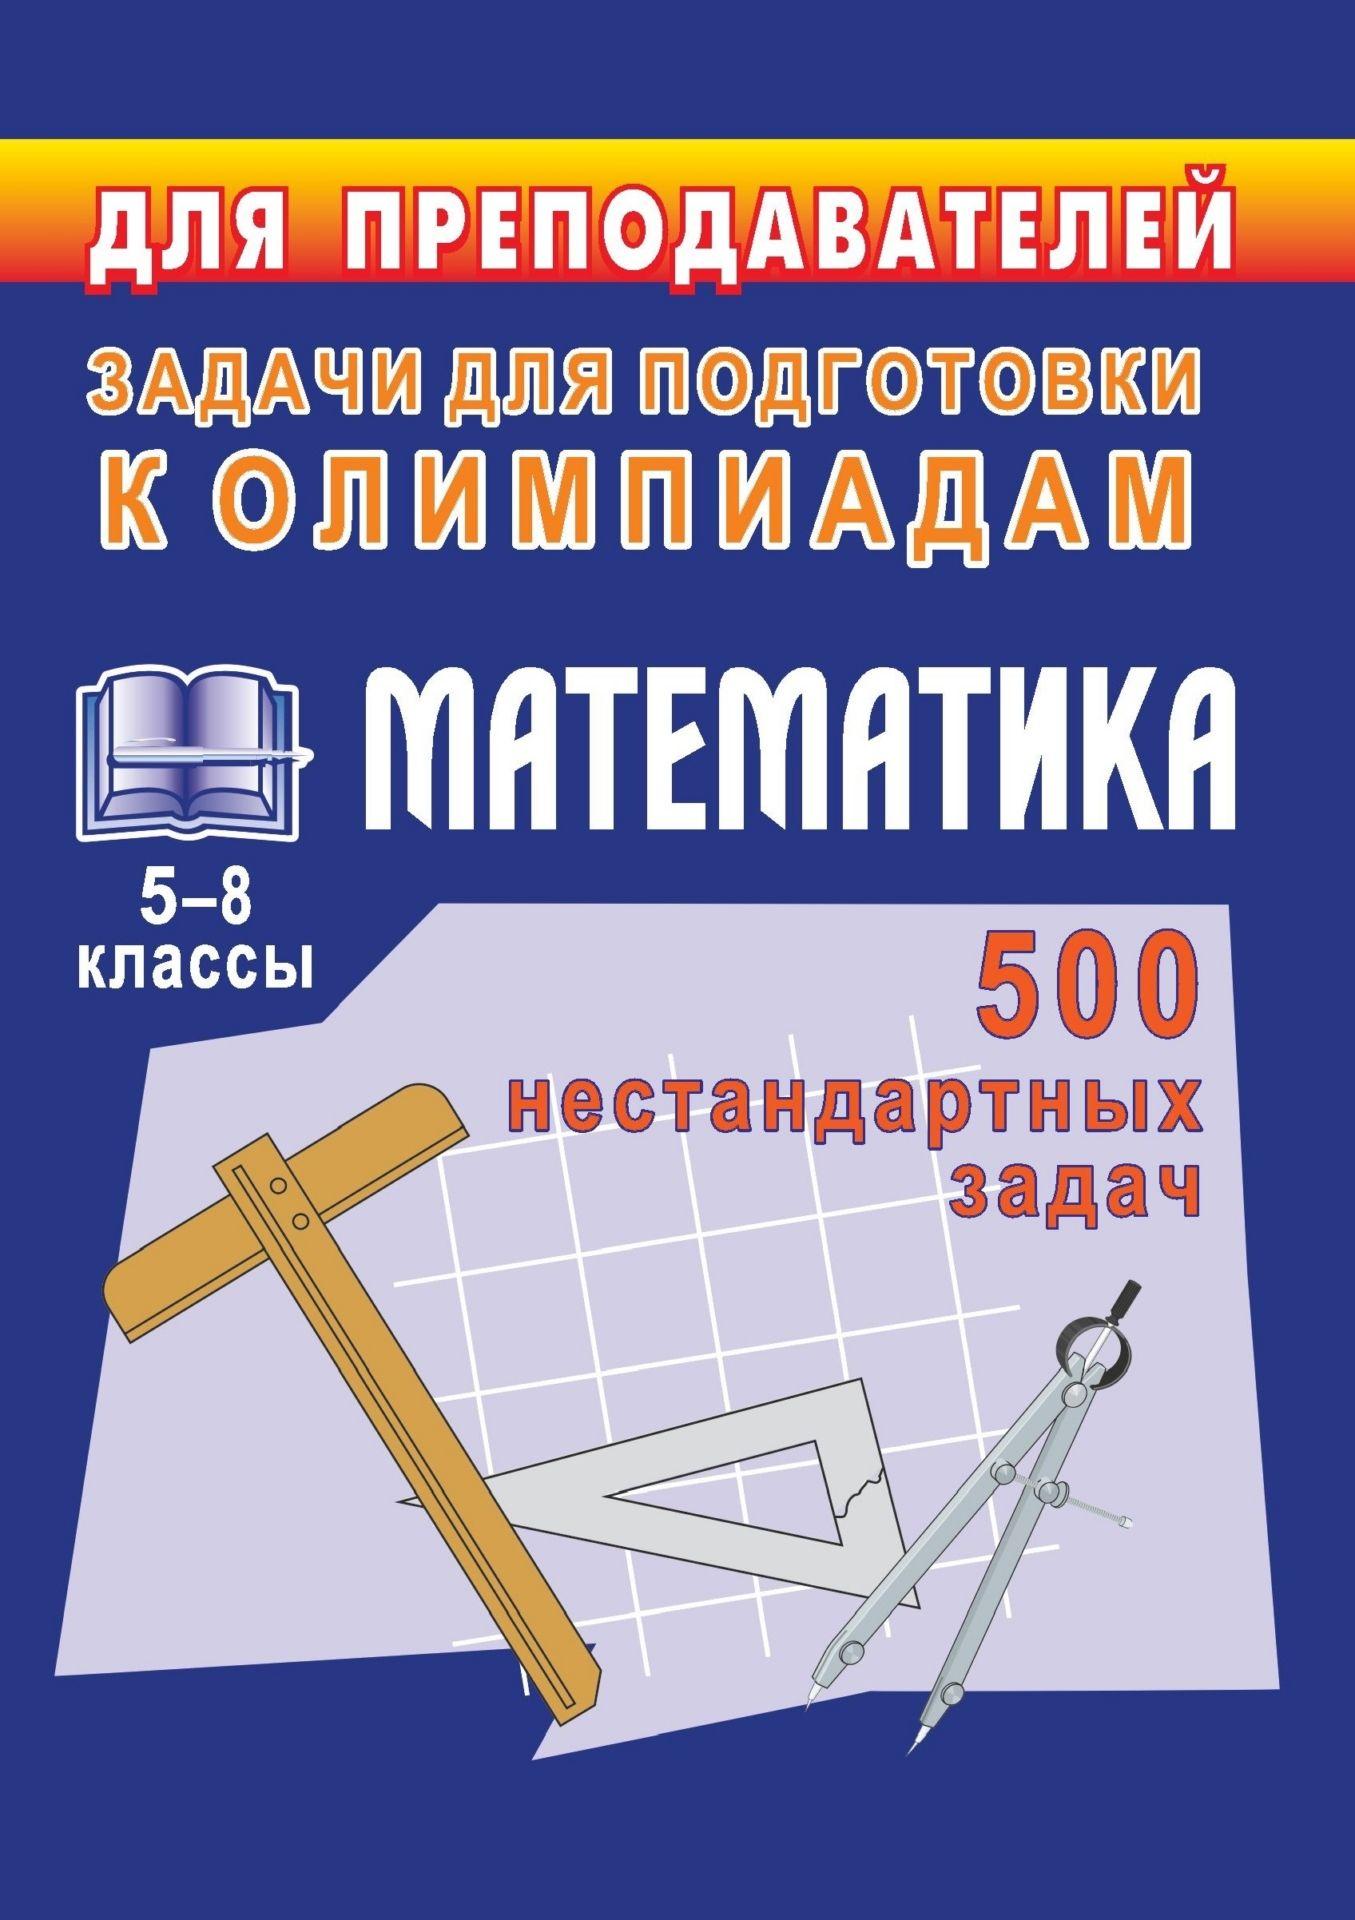 Олимпиадные задачи по математике. 5-8 кл.  500 нестандартных задач